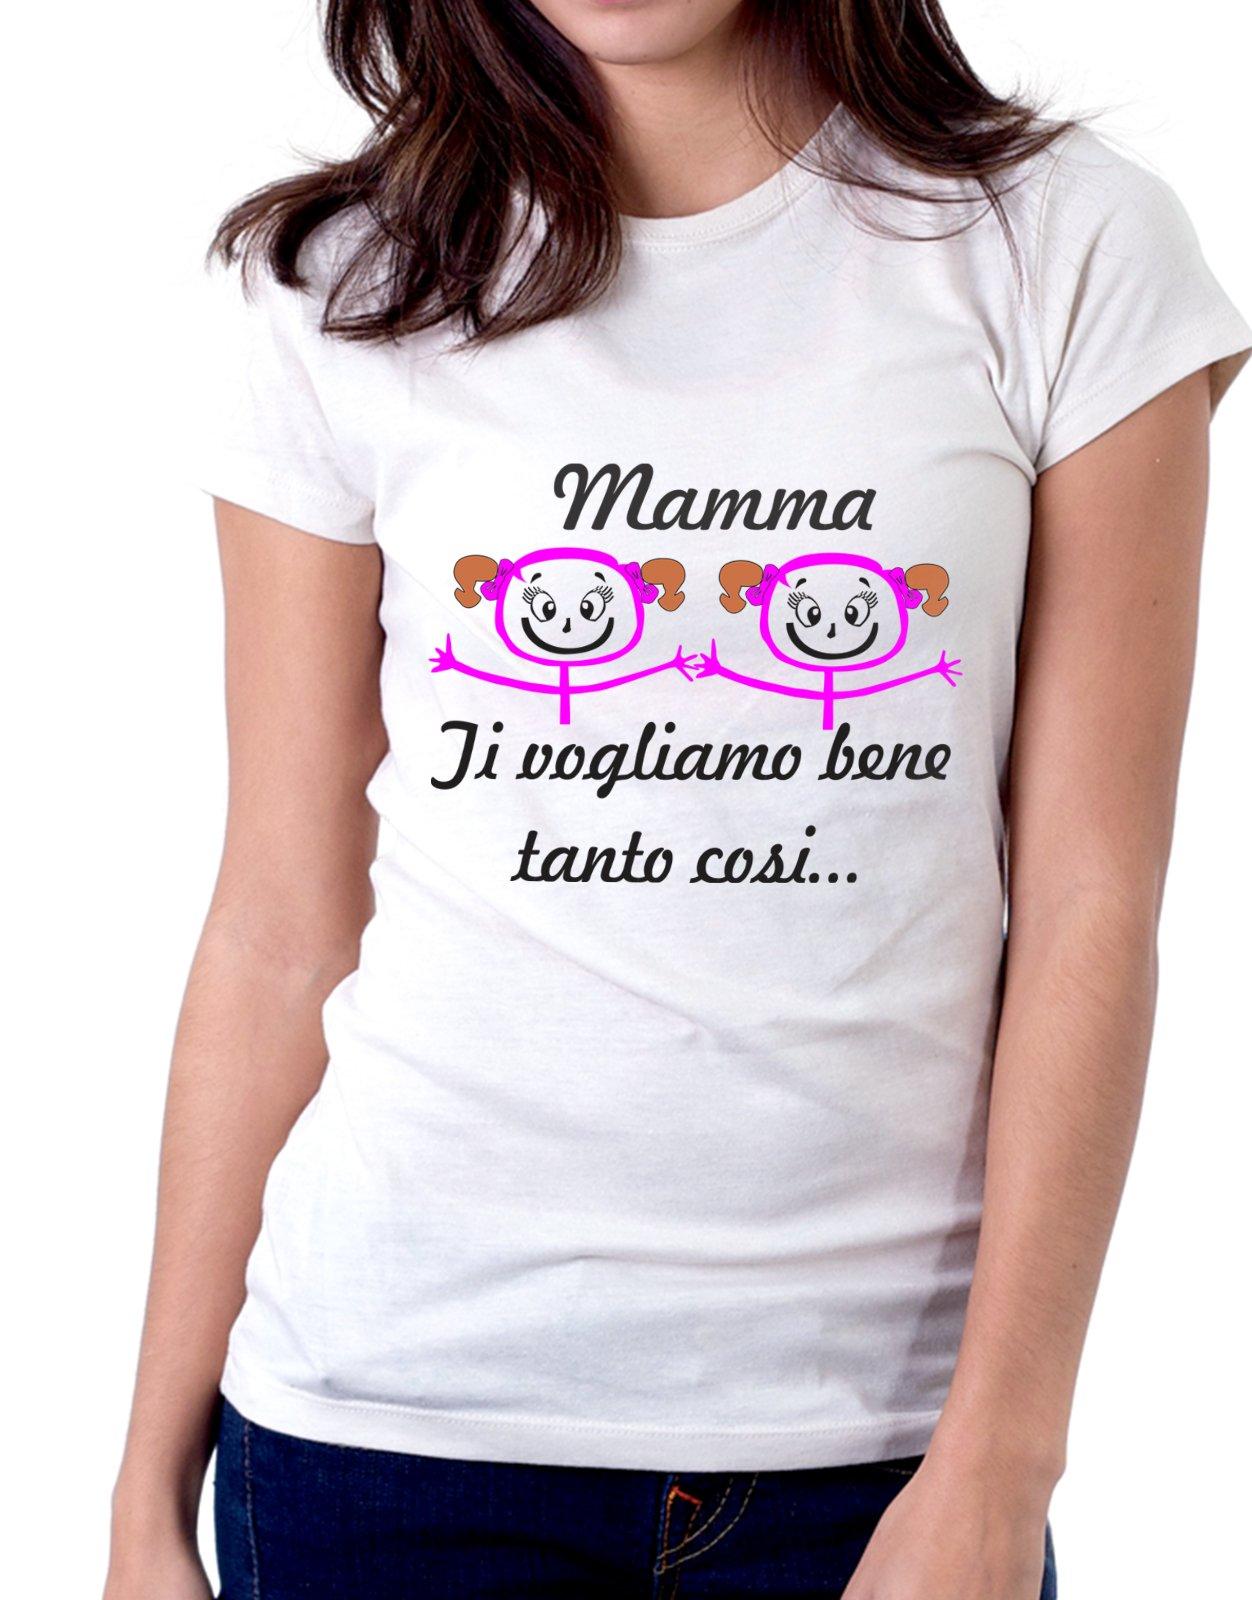 Tshirt mamma ti vogliamo bene tanto così - festa della mamma - Tutte le taglie by tshirteria